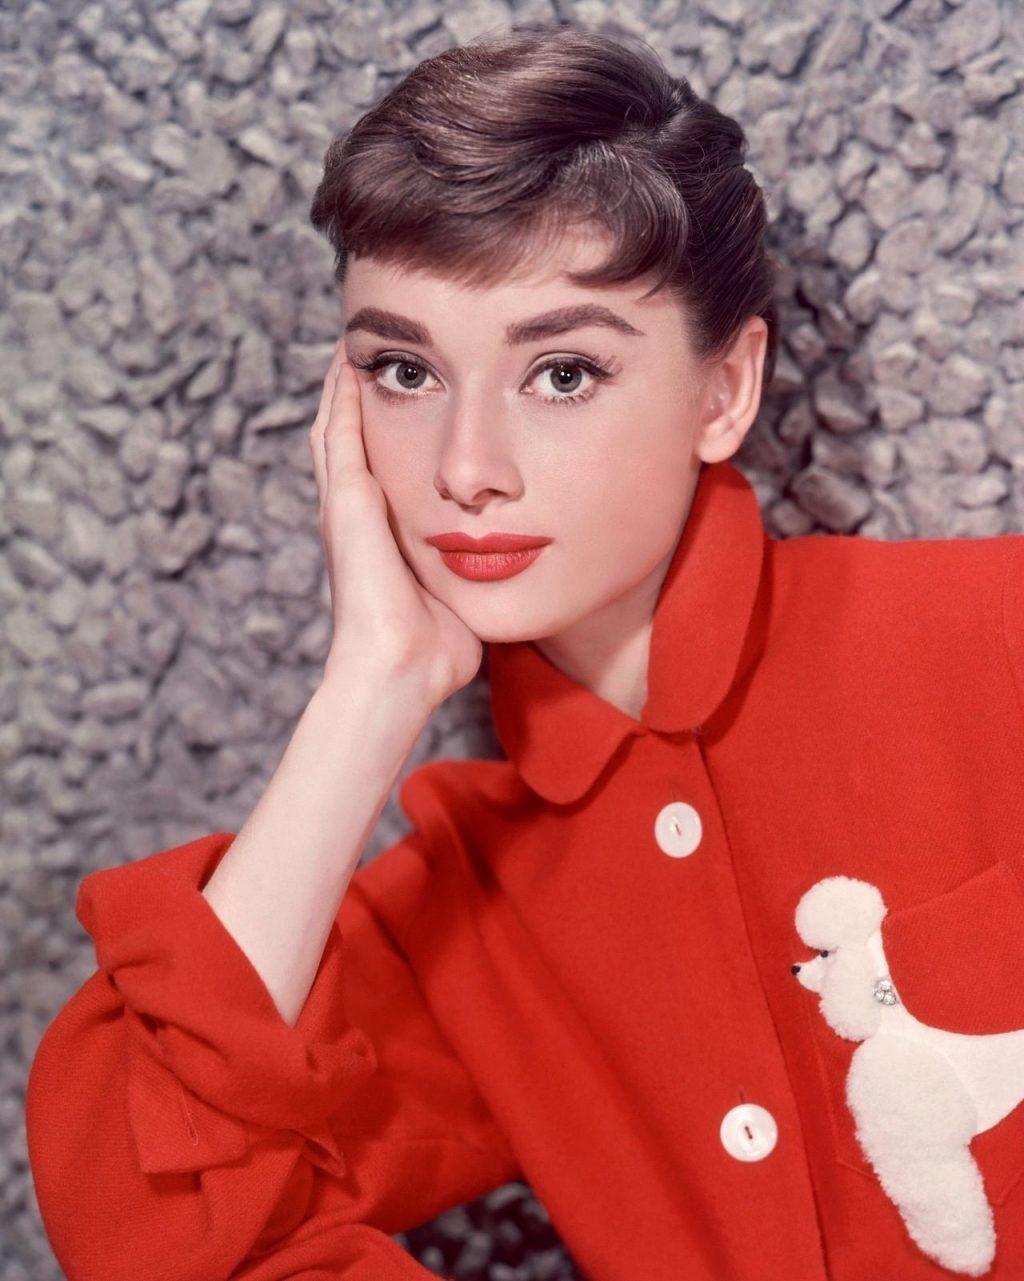 bieu tuong nhan sac Audrey Hepburn anh 1